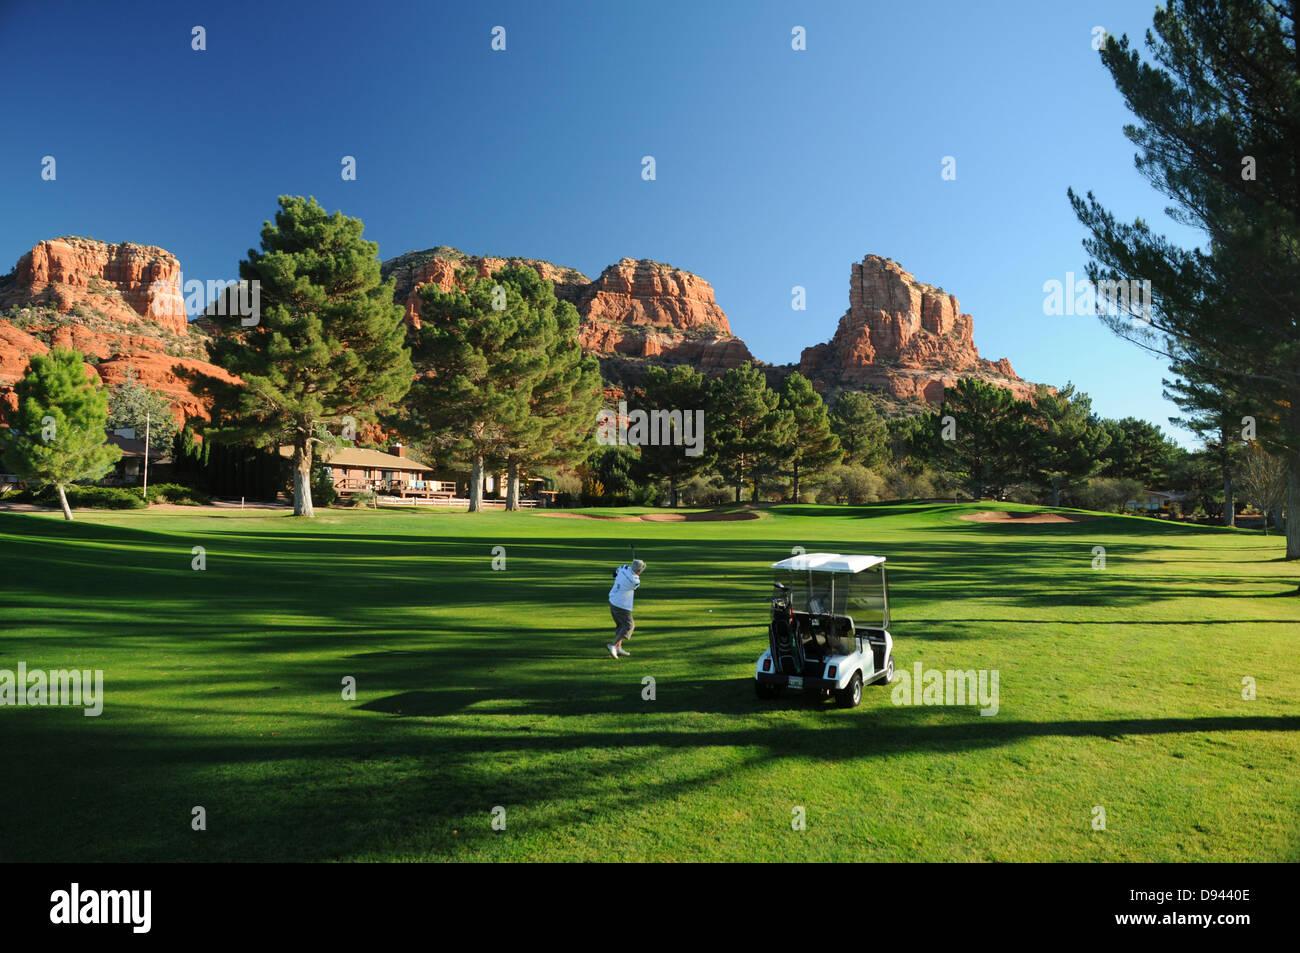 Oakcreek Country Club Golf Course en Sedona, Arizona, rodeado por formaciones de roca roja Foto de stock